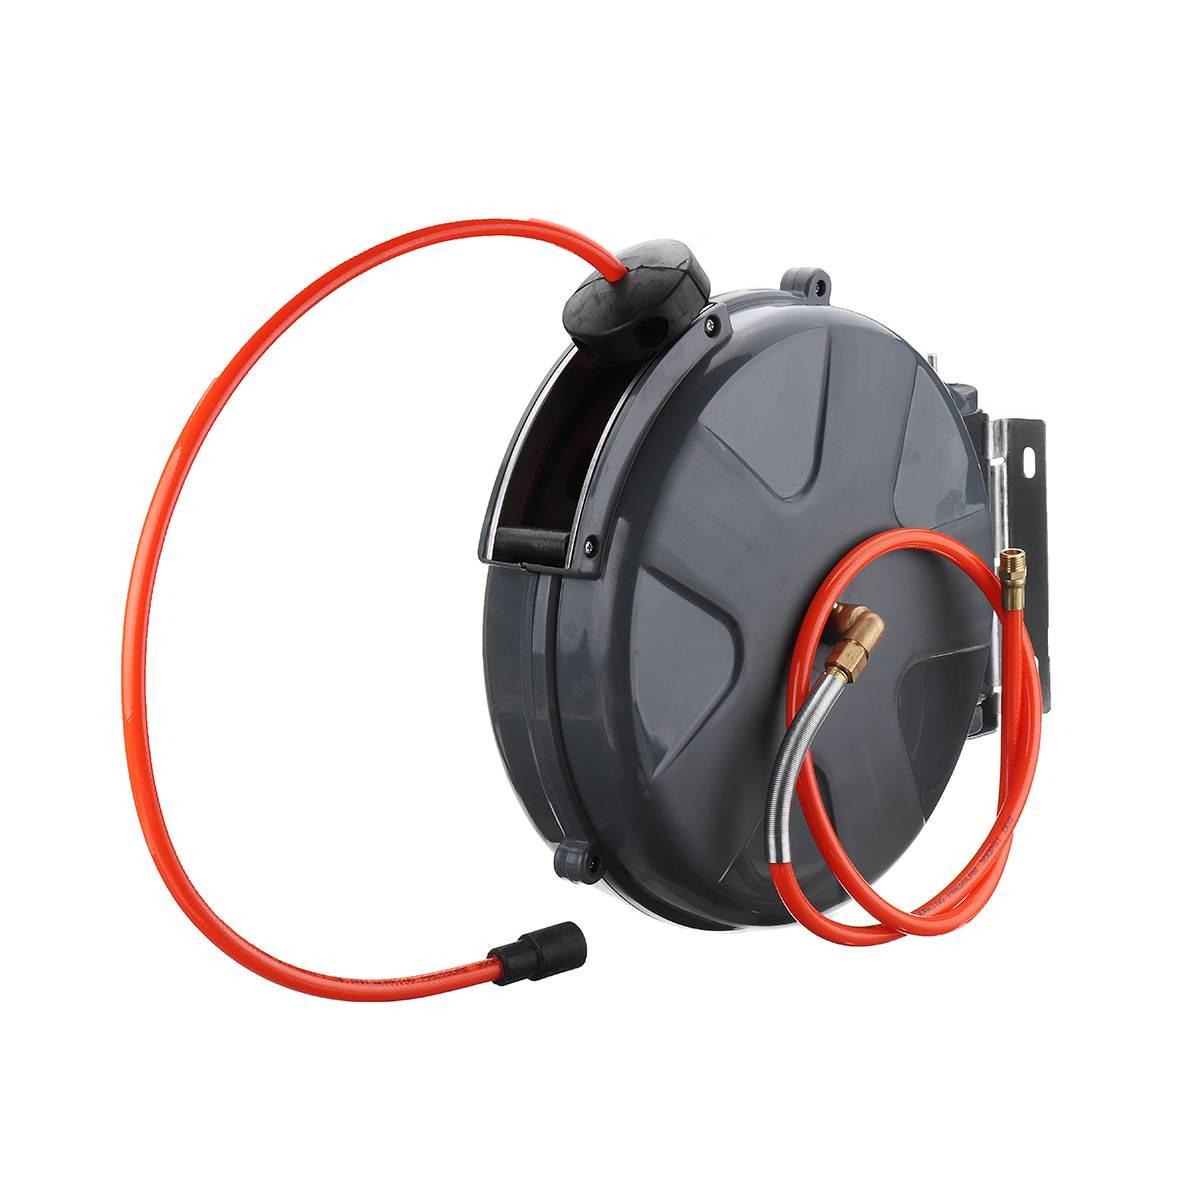 Enrouleur de tuyau d'air automatique 3/8 pouces 10m étendre les tuyaux de plomberie enrouleur rétractable automatique pour Kit de réparation de voiture